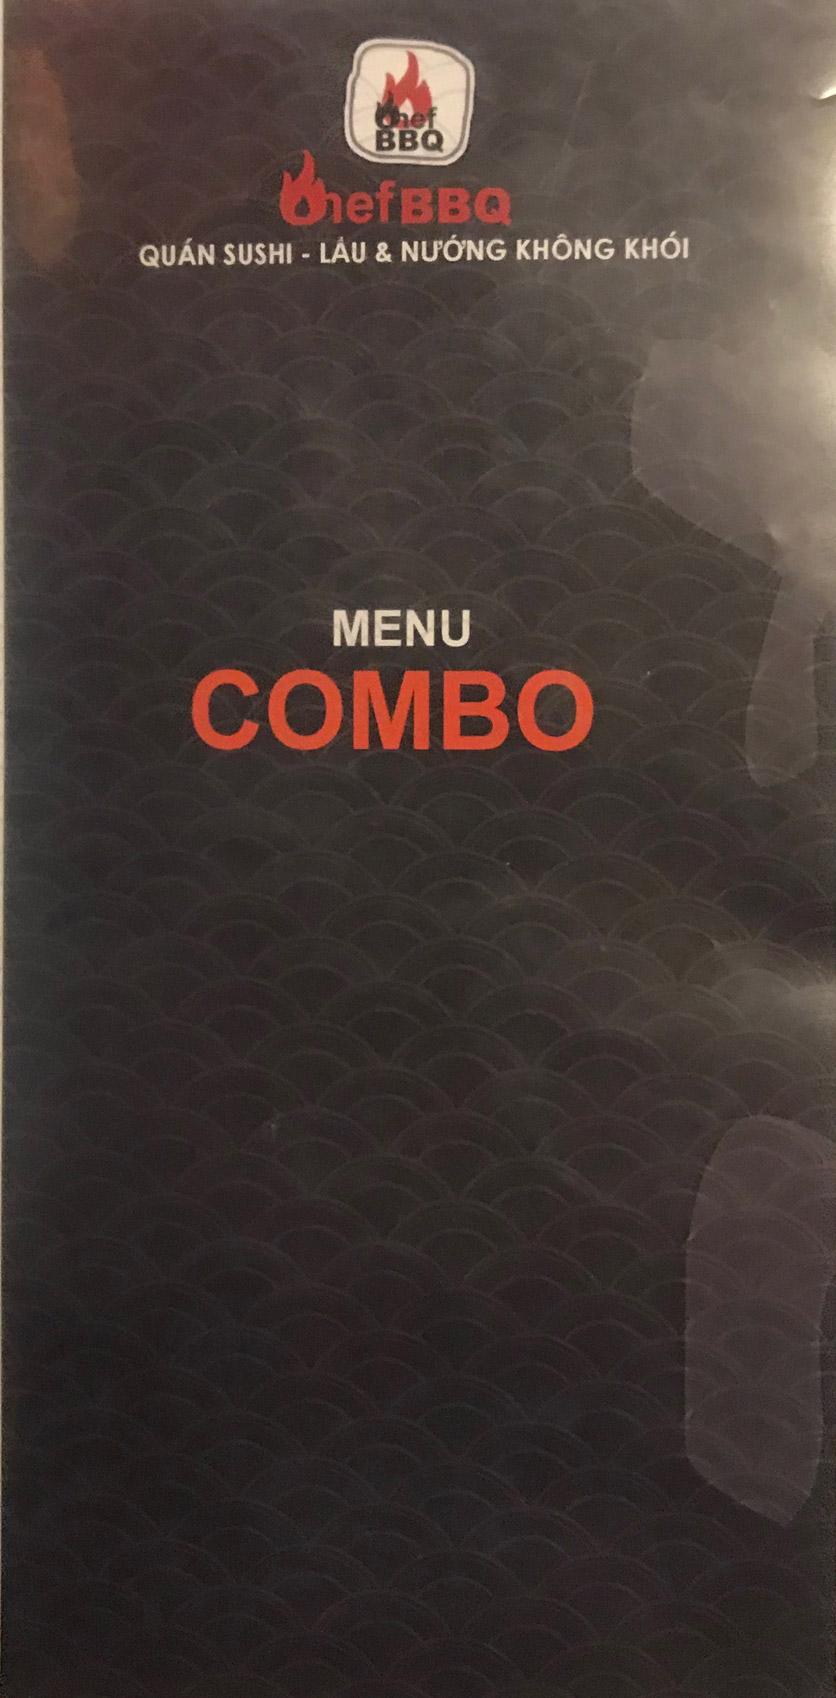 Menu Chef BBQ - Nghĩa Tân 18